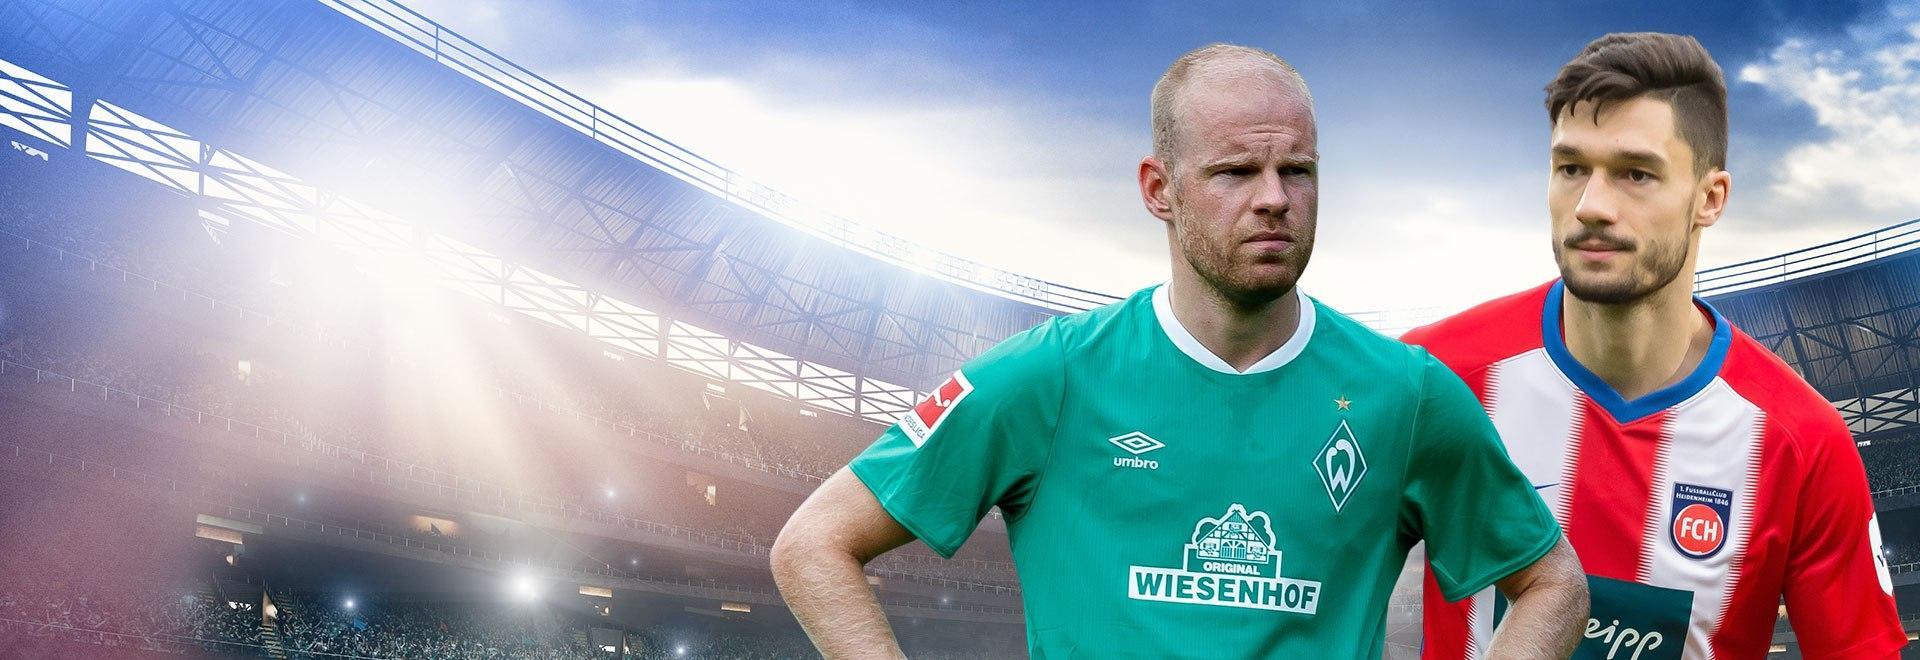 Werder Brema - Heidenheim. Playout Andata